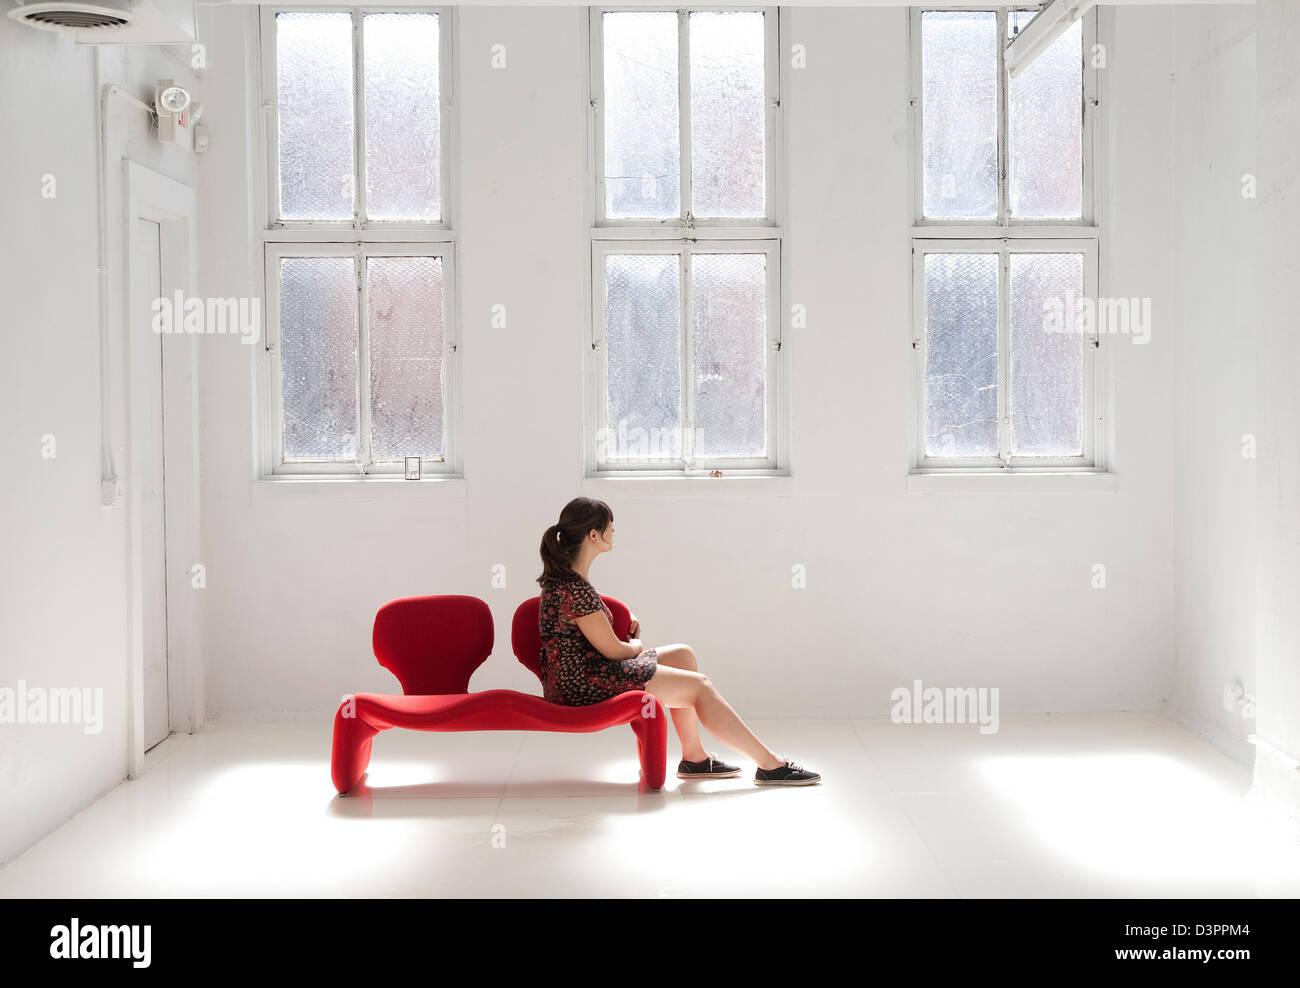 Fille assise dans une salle vide avec un canapé rouge Photo Stock